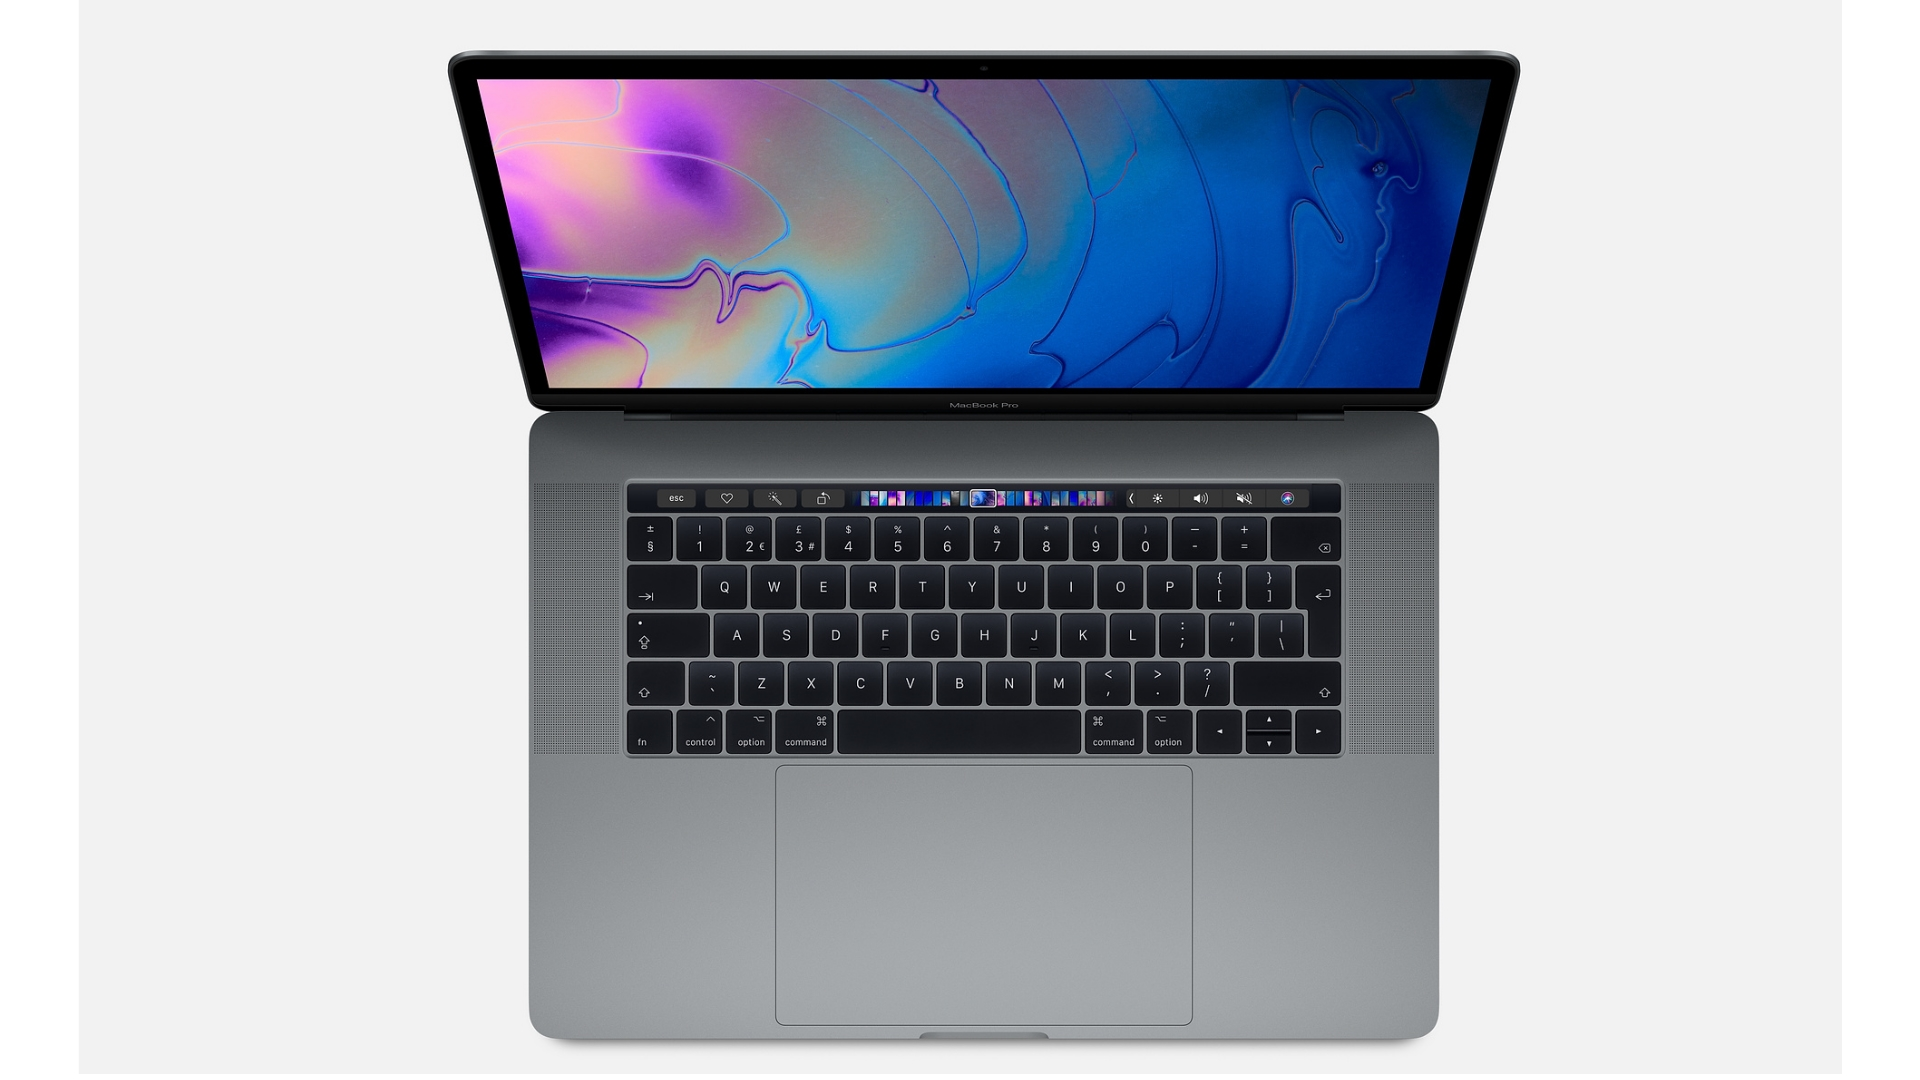 apple macbook pro 15-inch 2018 deals prices sales